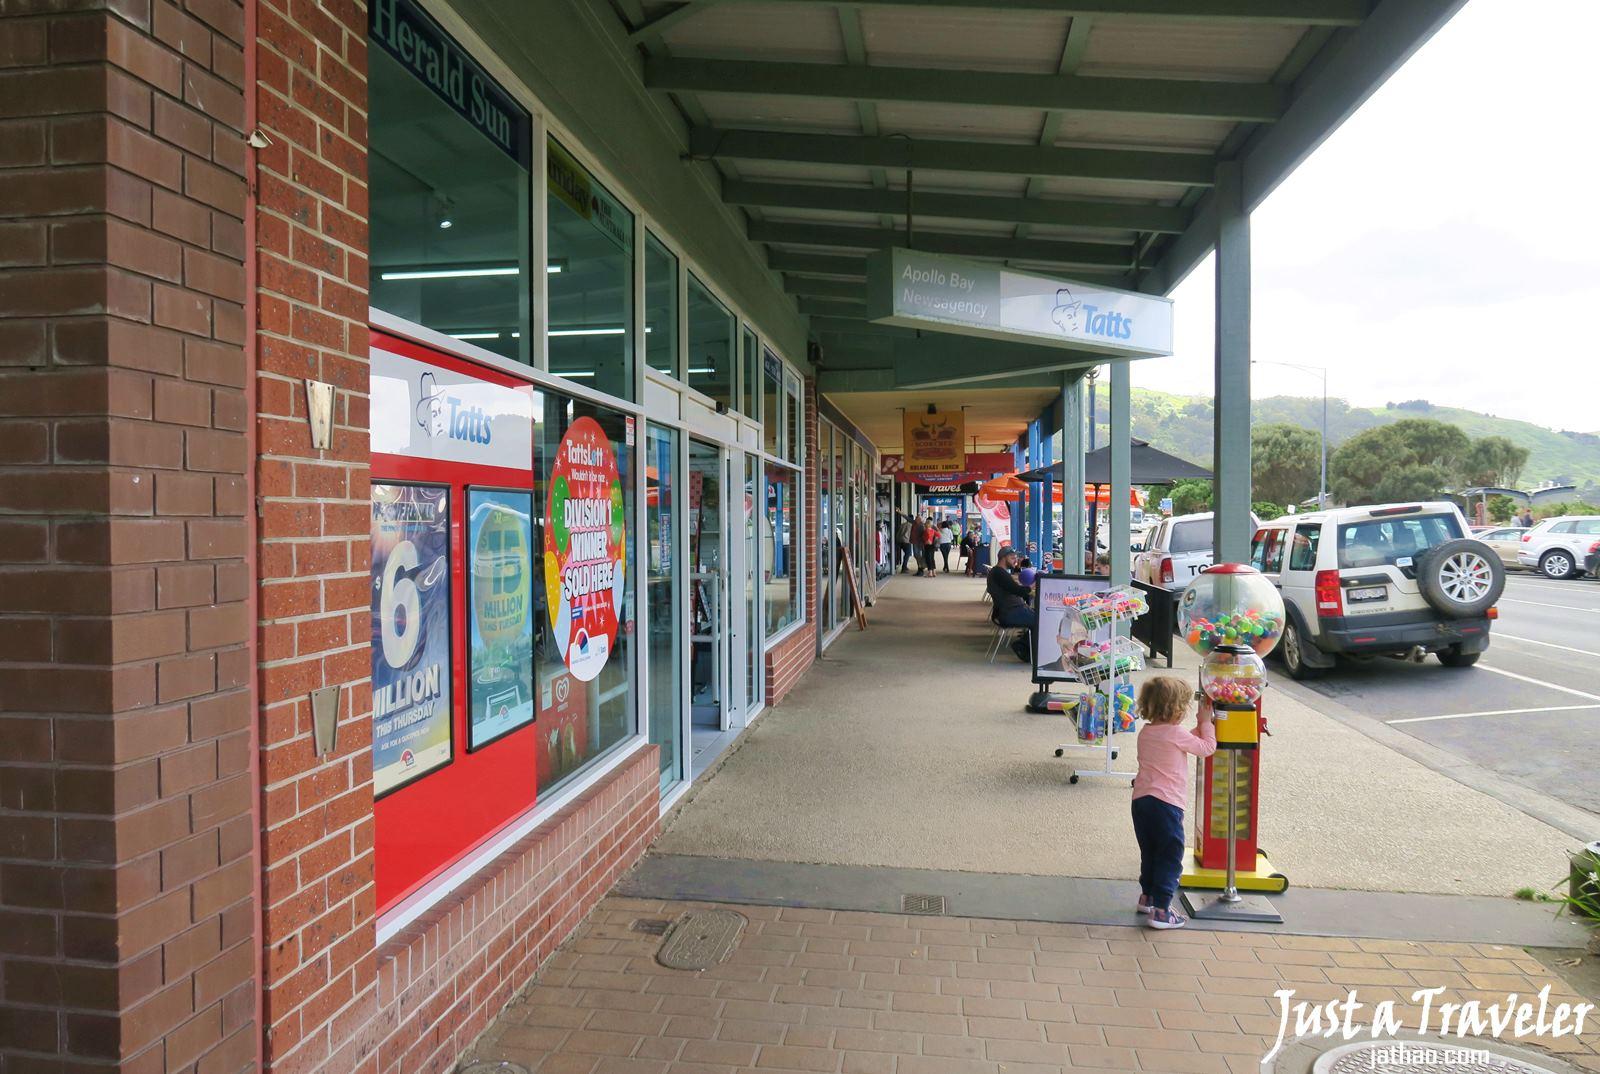 墨爾本-大洋路-景點-推薦-阿波羅海灣-Apollo-Bay-一日遊-二日遊-自由行-行程-旅遊-跟團-交通-自駕-住宿-澳洲-Melbourne-Great-Ocean-Road-Travel-Tour-Australia